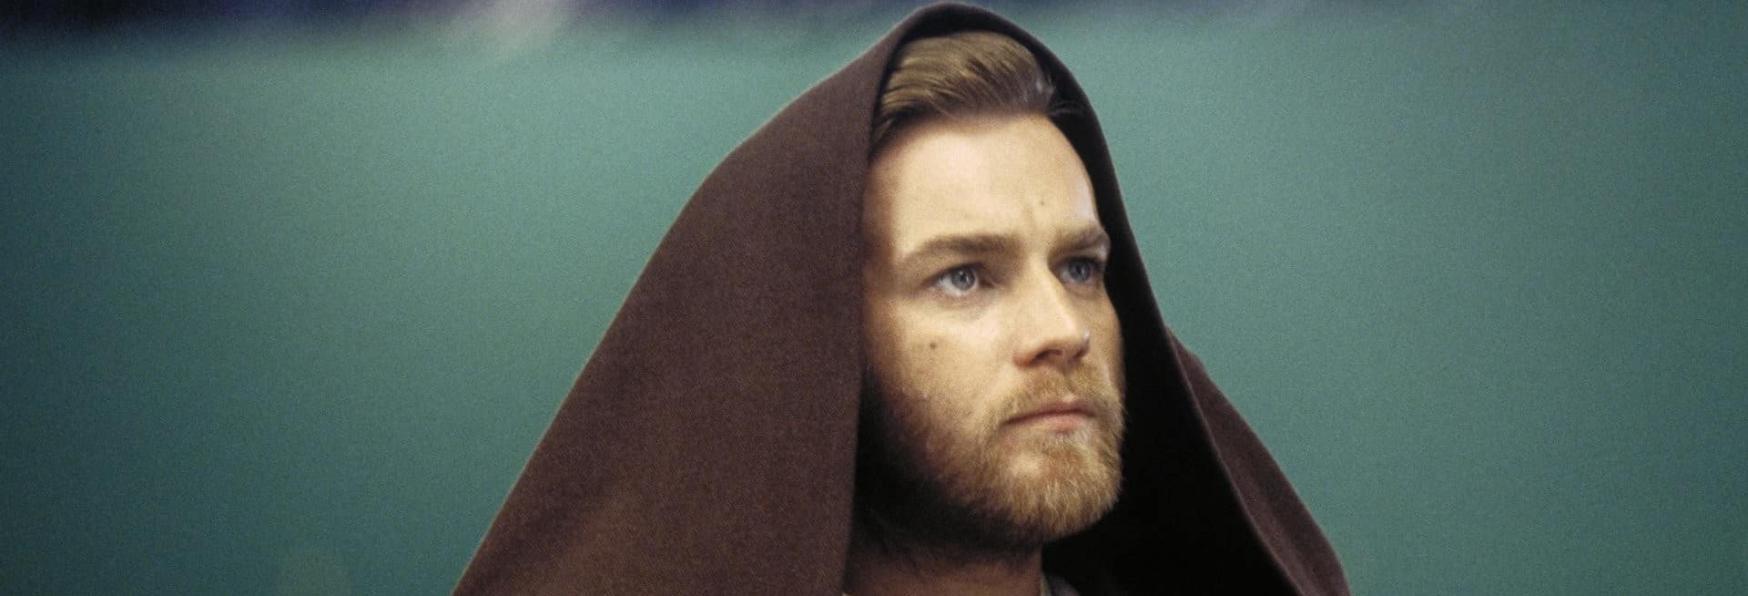 Obi-Wan Kenobi: Rivelato il Cast e la Data di inizio Produzione della nuova Serie TV